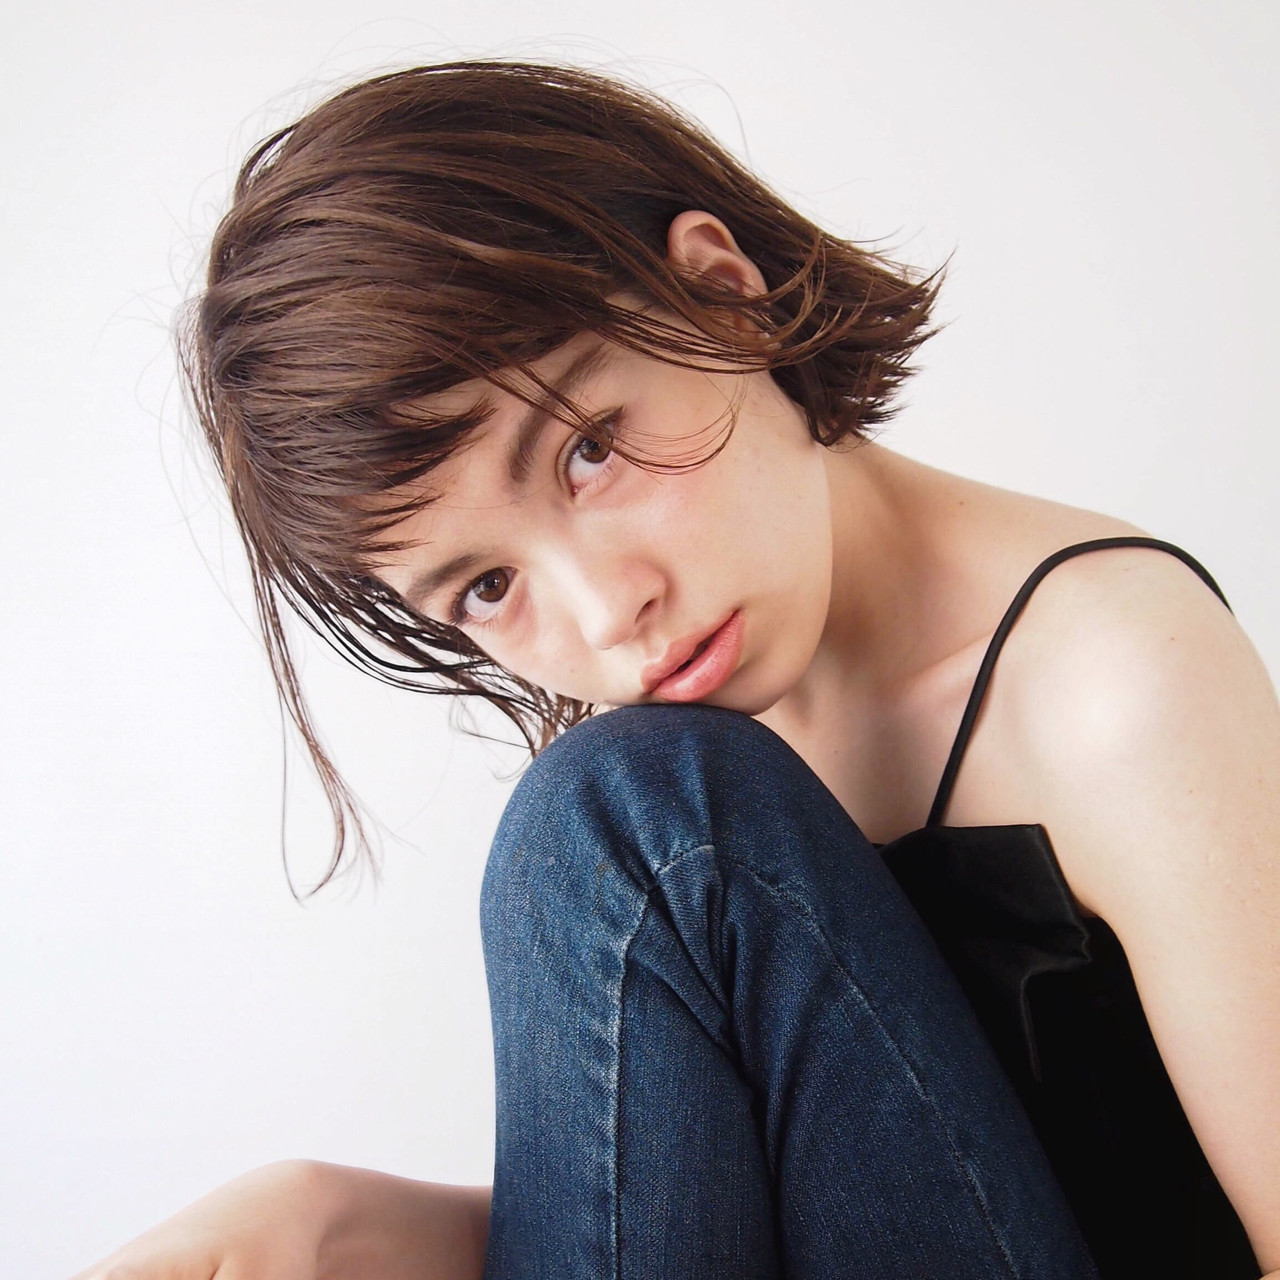 ハンサム ナチュラル かっこいい 女子会 ヘアスタイルや髪型の写真・画像 | 一色 さおり / LOAVE AOYAMA(ローブ アオヤマ)